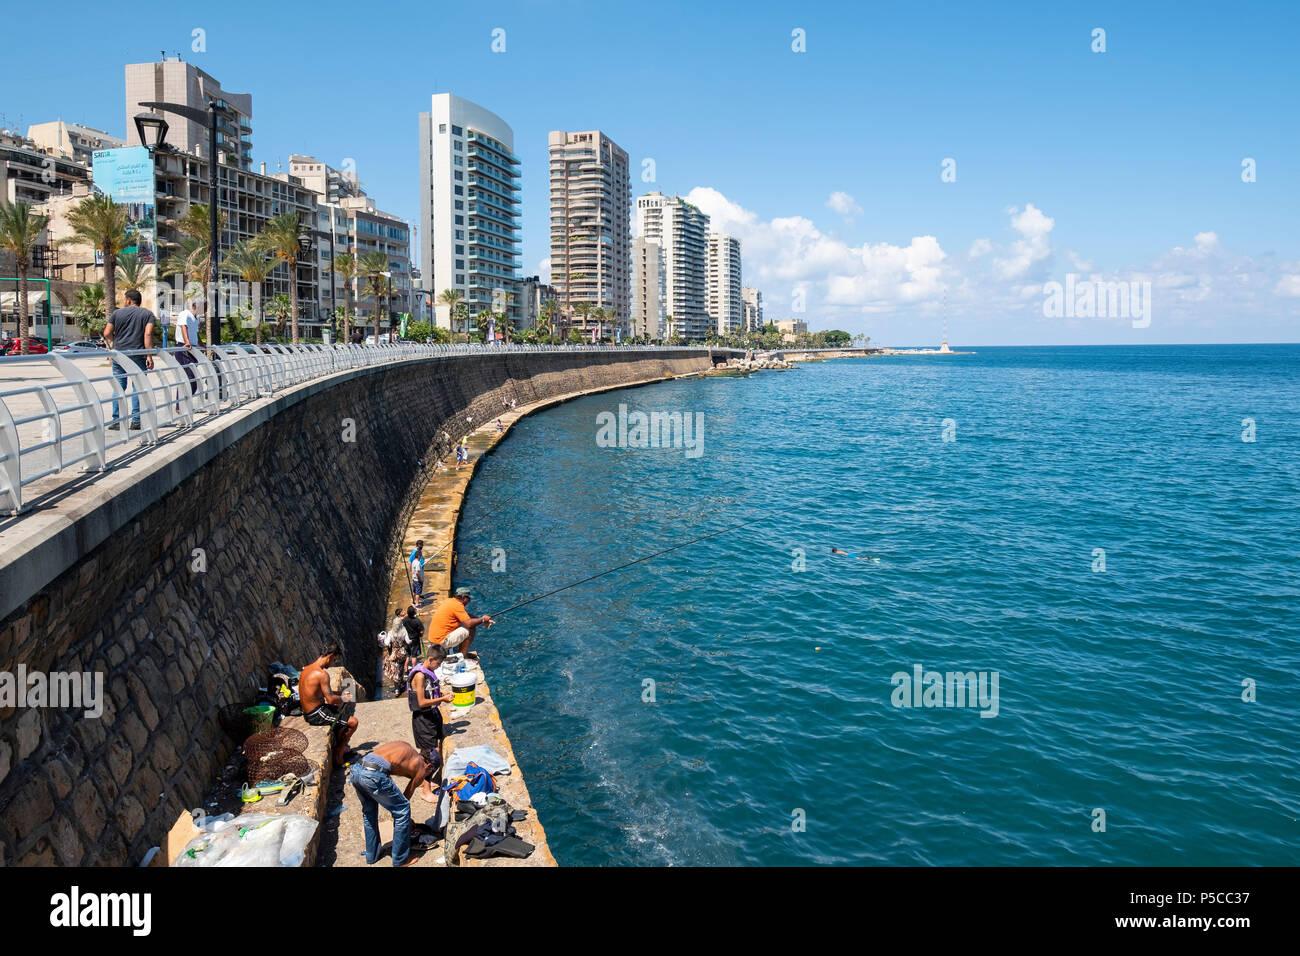 Les hommes de pêche La Corniche de Beyrouth, Liban. Photo Stock